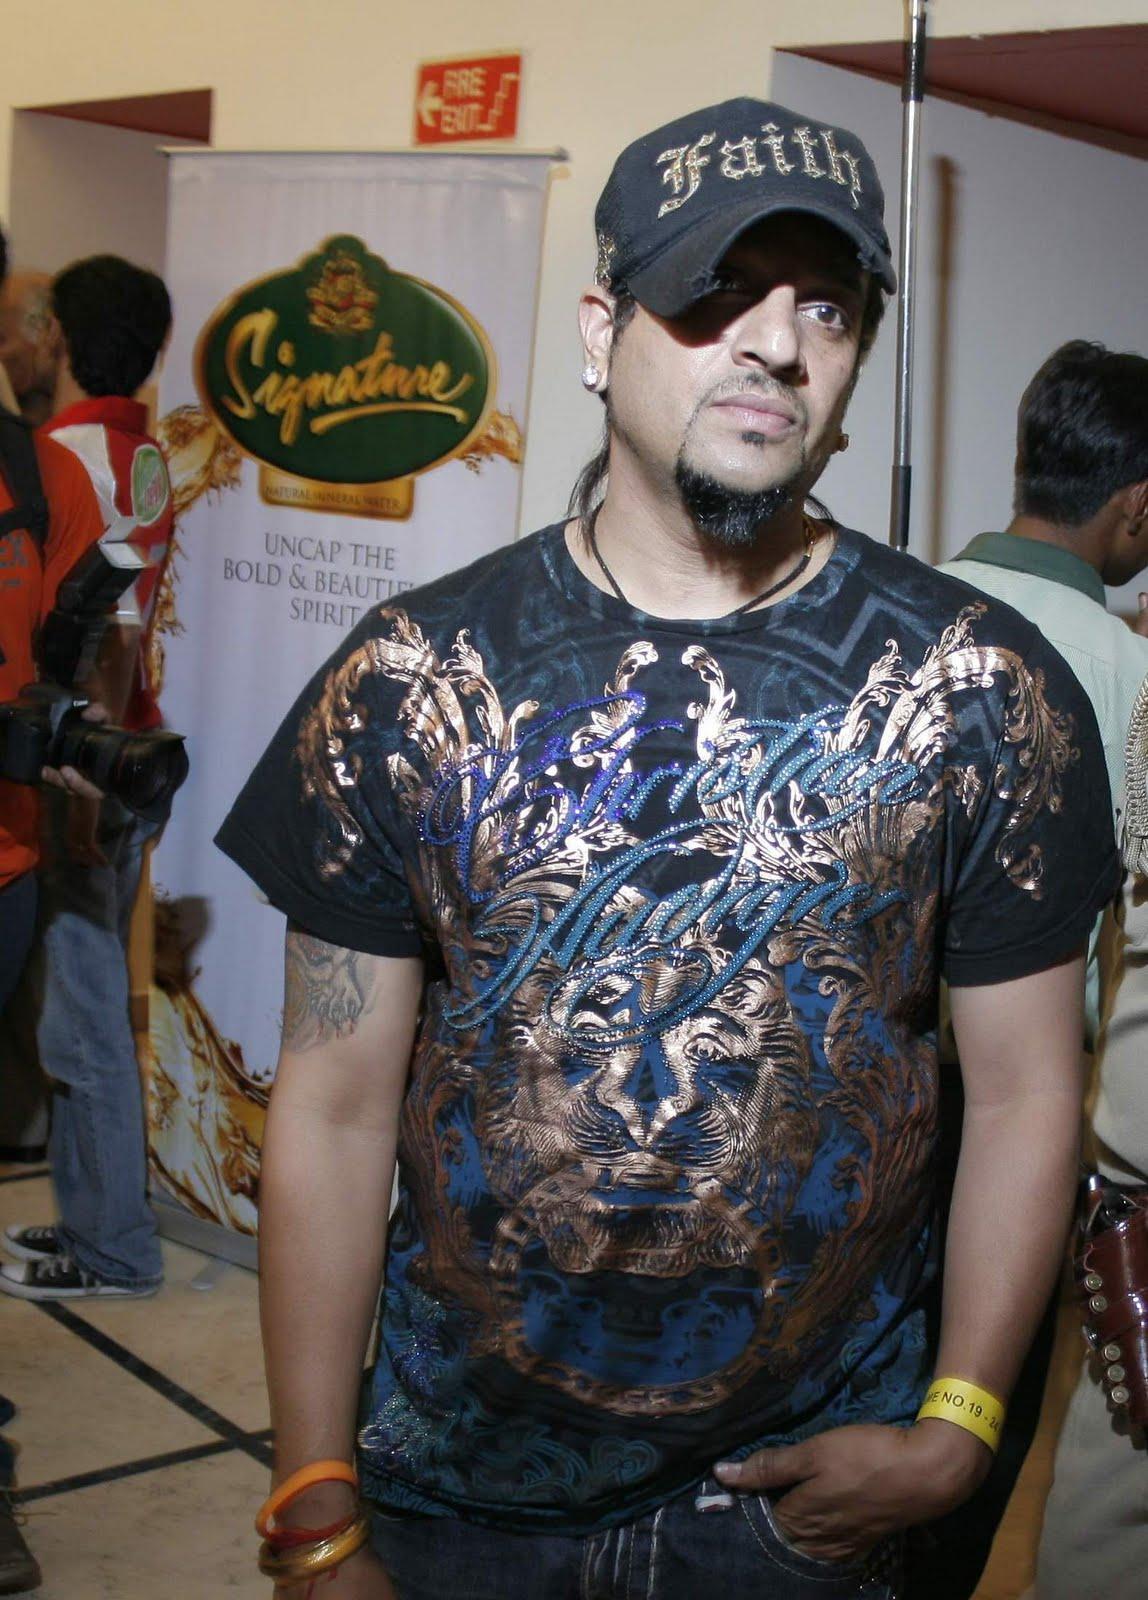 http://1.bp.blogspot.com/_8nJqUJng9zw/S6xYVEPSOBI/AAAAAAAAAco/Qpwvz4s8pgE/s1600/IPL+parties+news+Jazzy+B.JPG